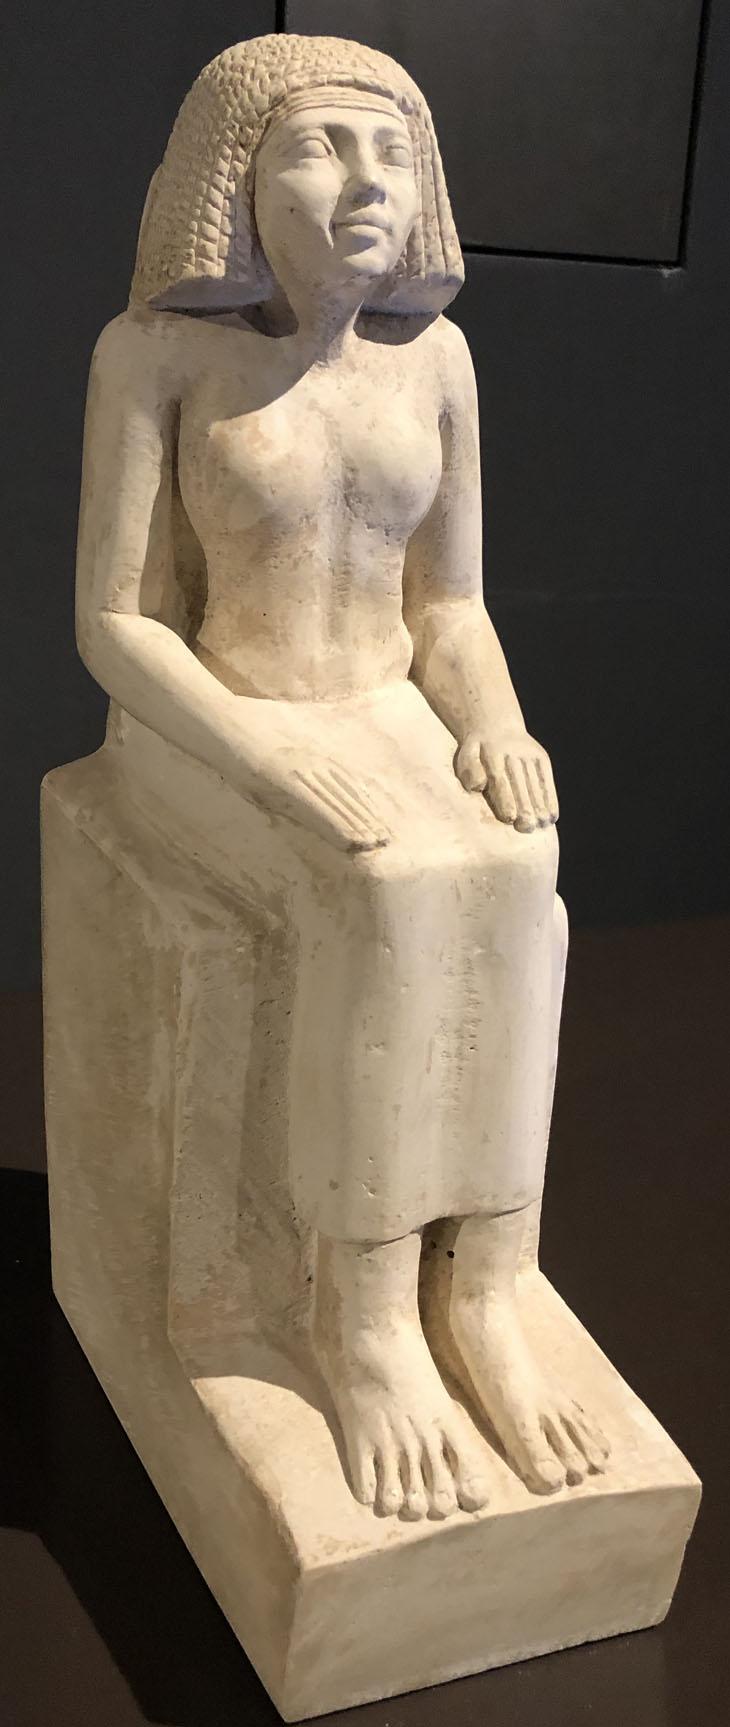 Sitzfigur, Tochter des Cheops. Ägyptisches Museum München. Freiraum